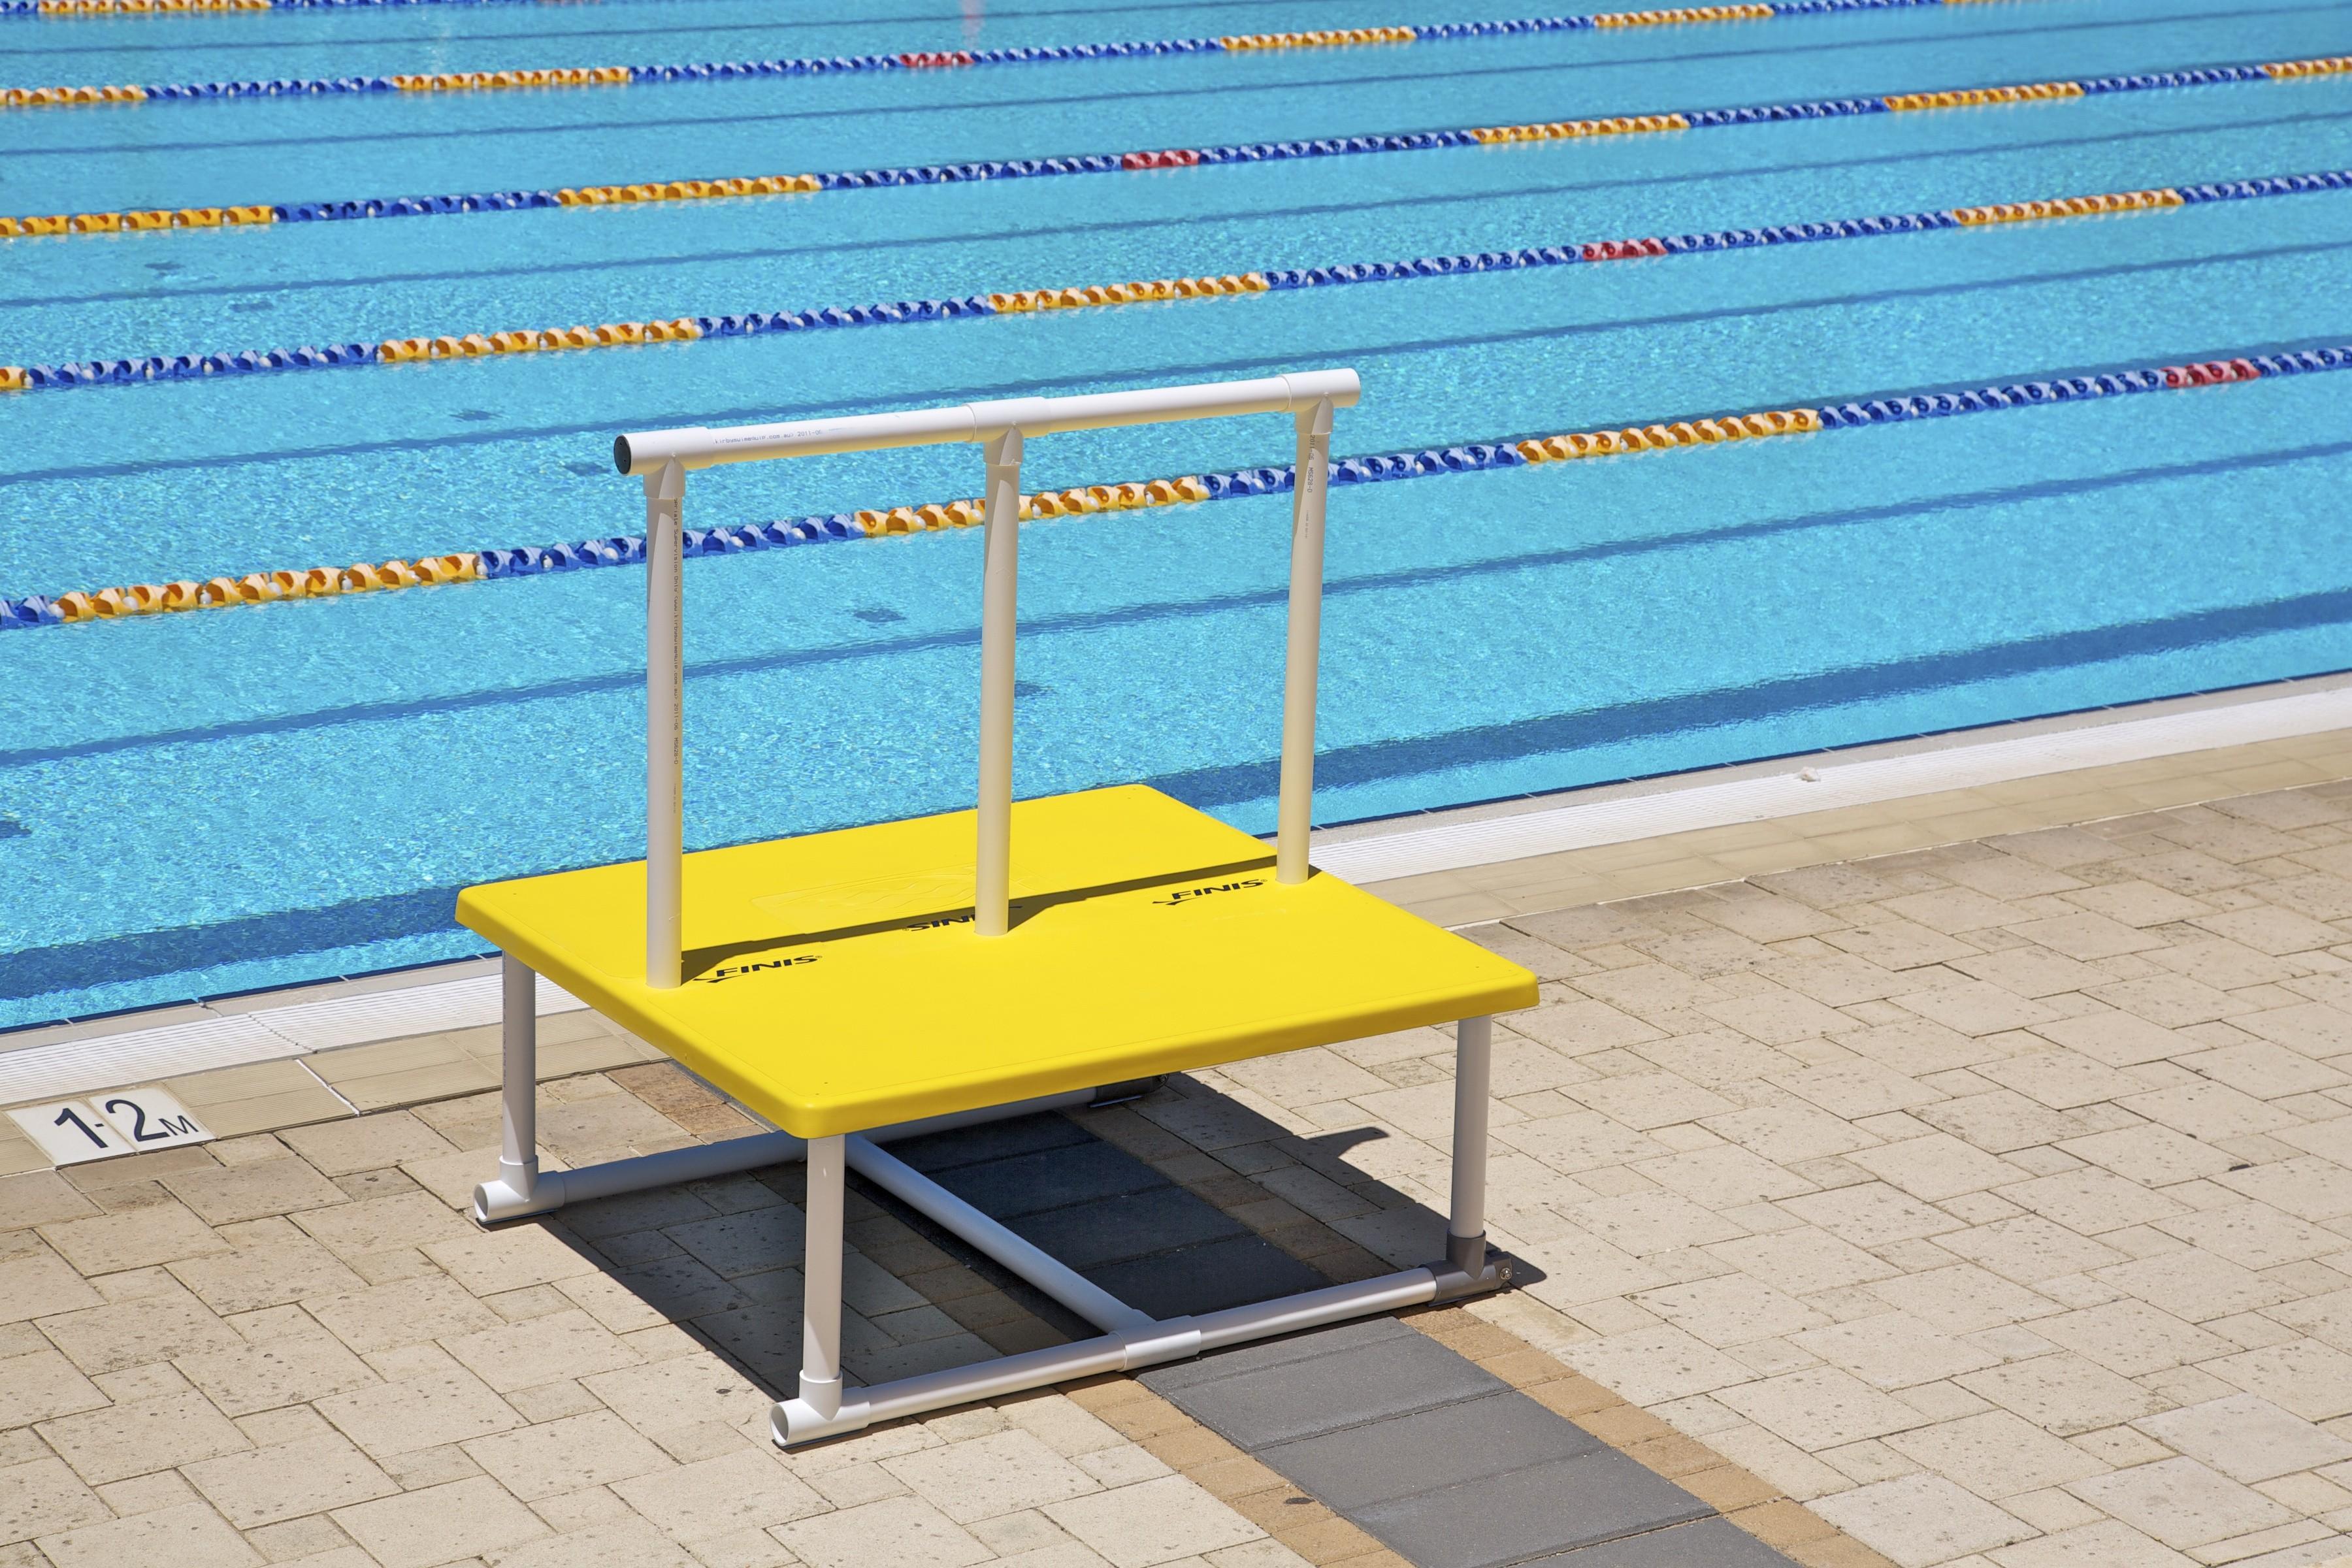 Piattaforma corsi nuoto bambini piscina finis italia - Corsi per neonati in piscina ...